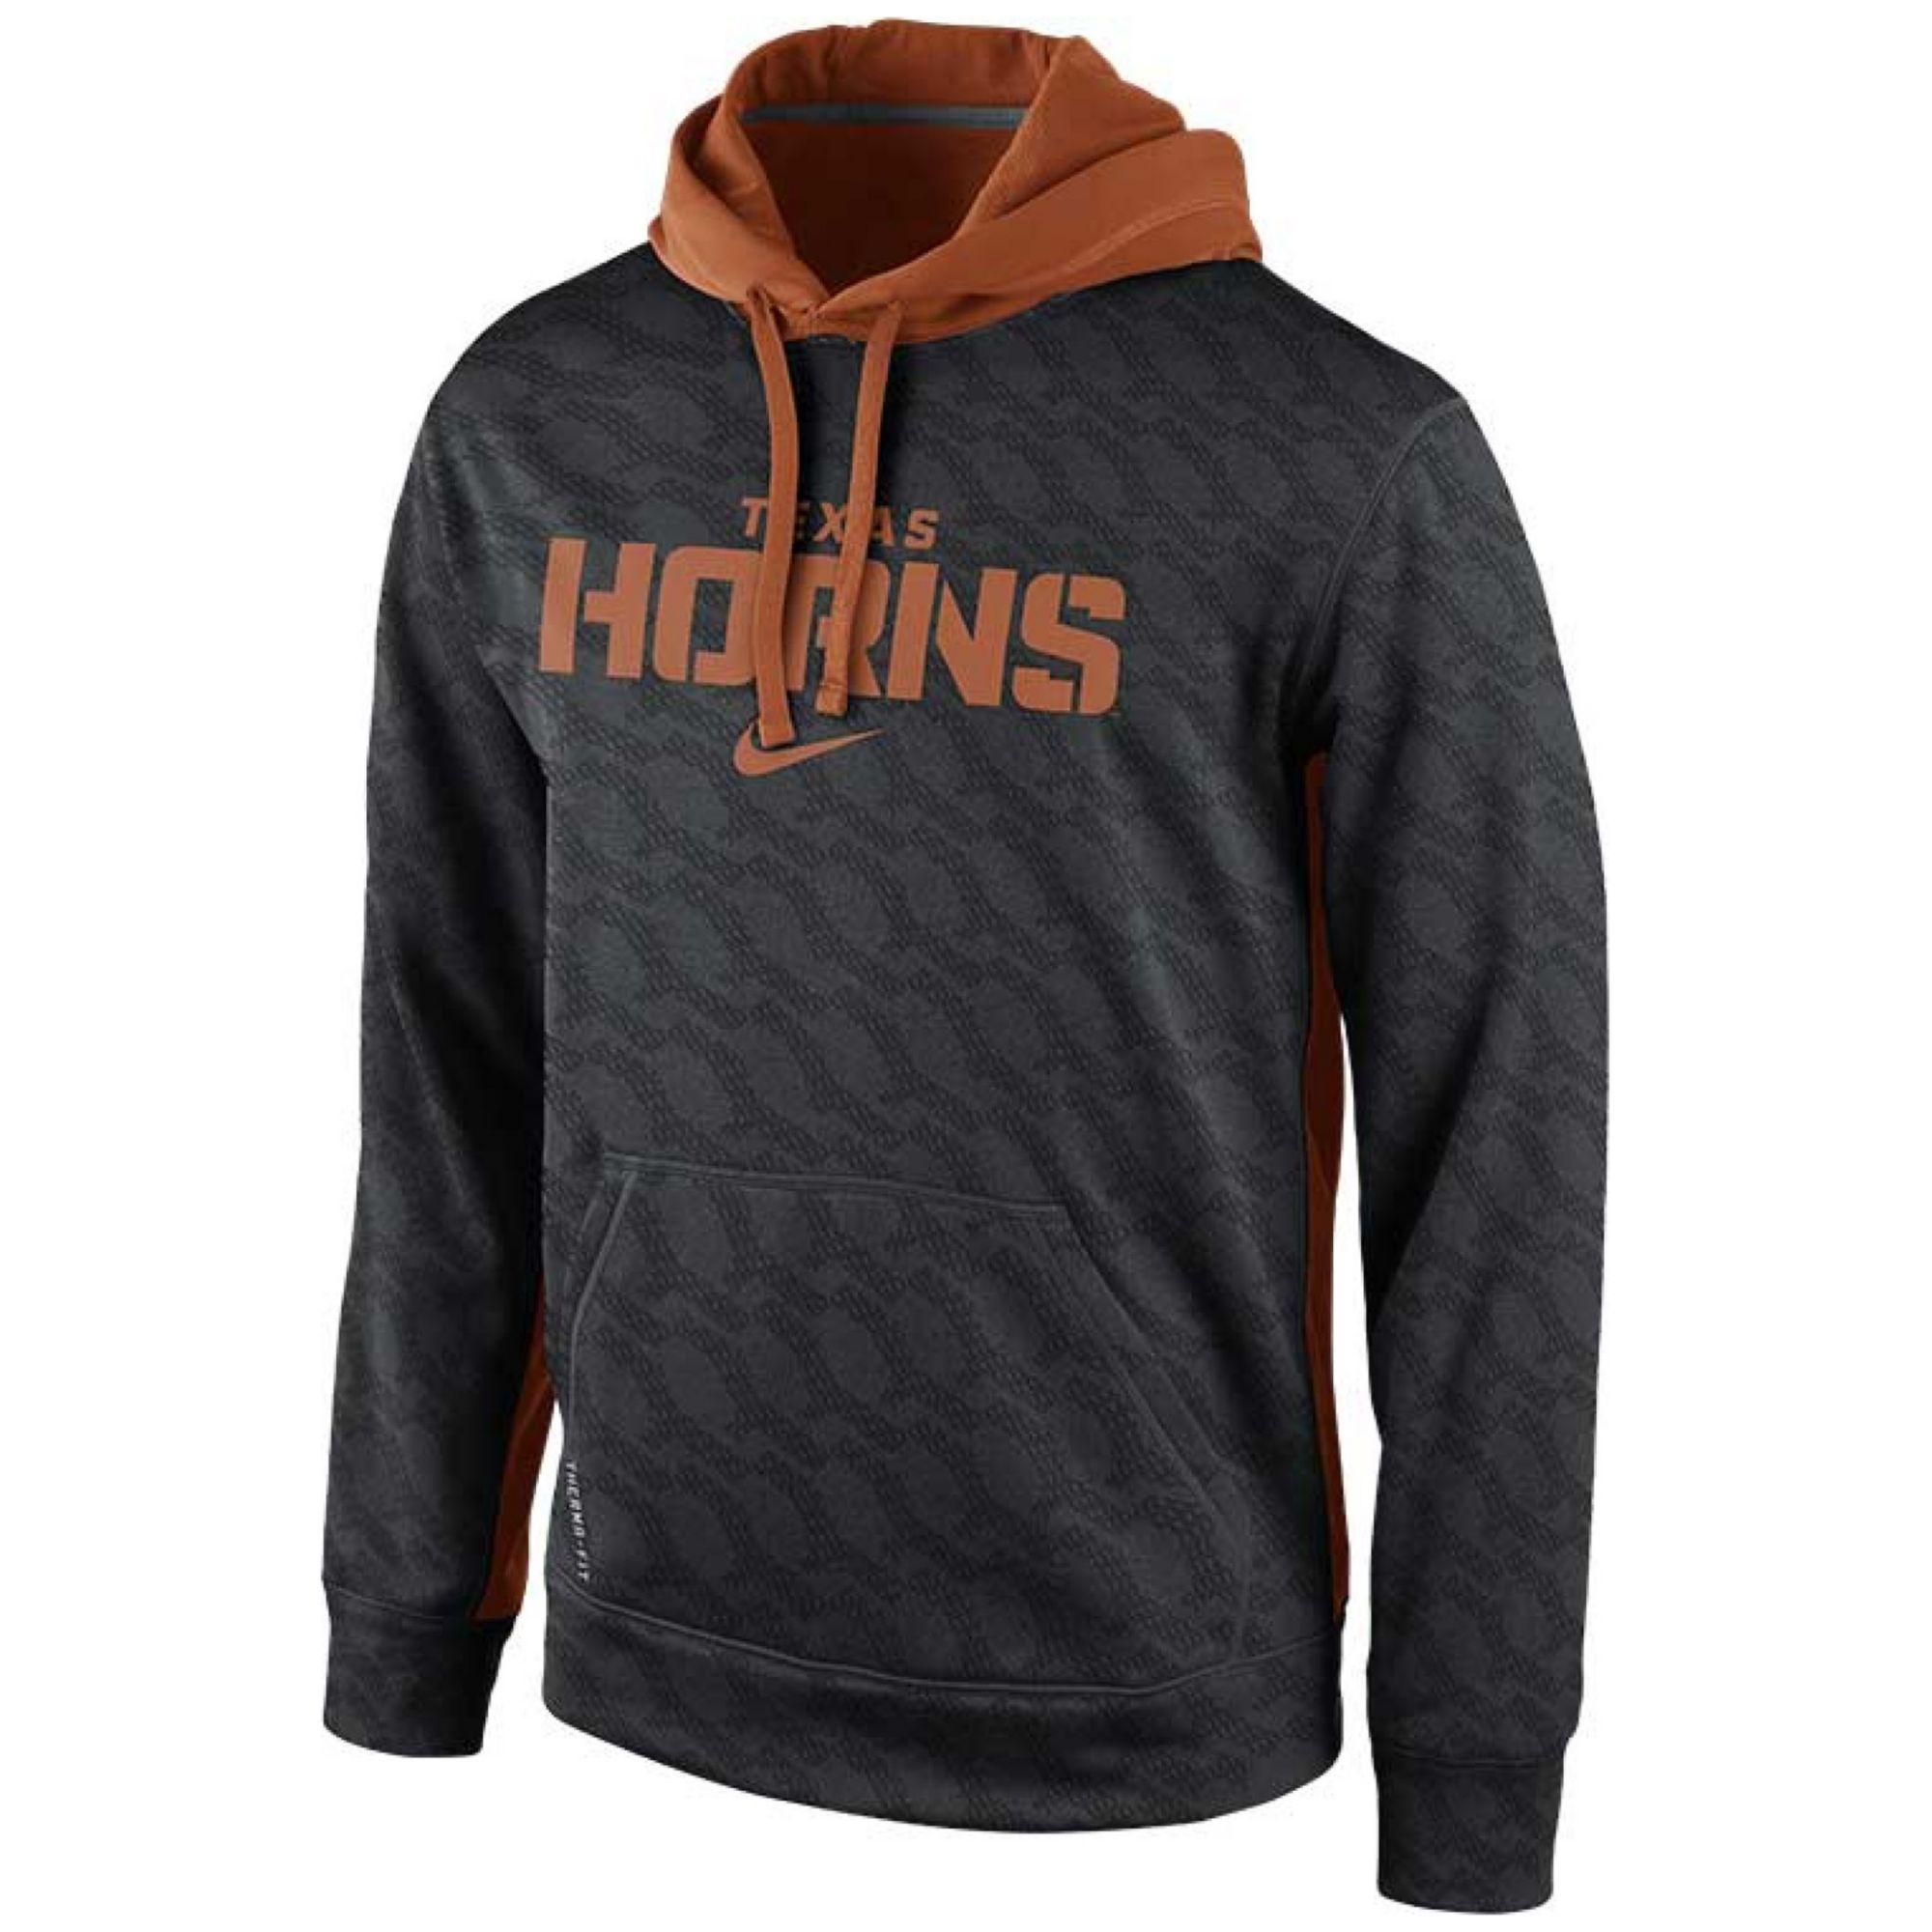 Longhorns hoodie